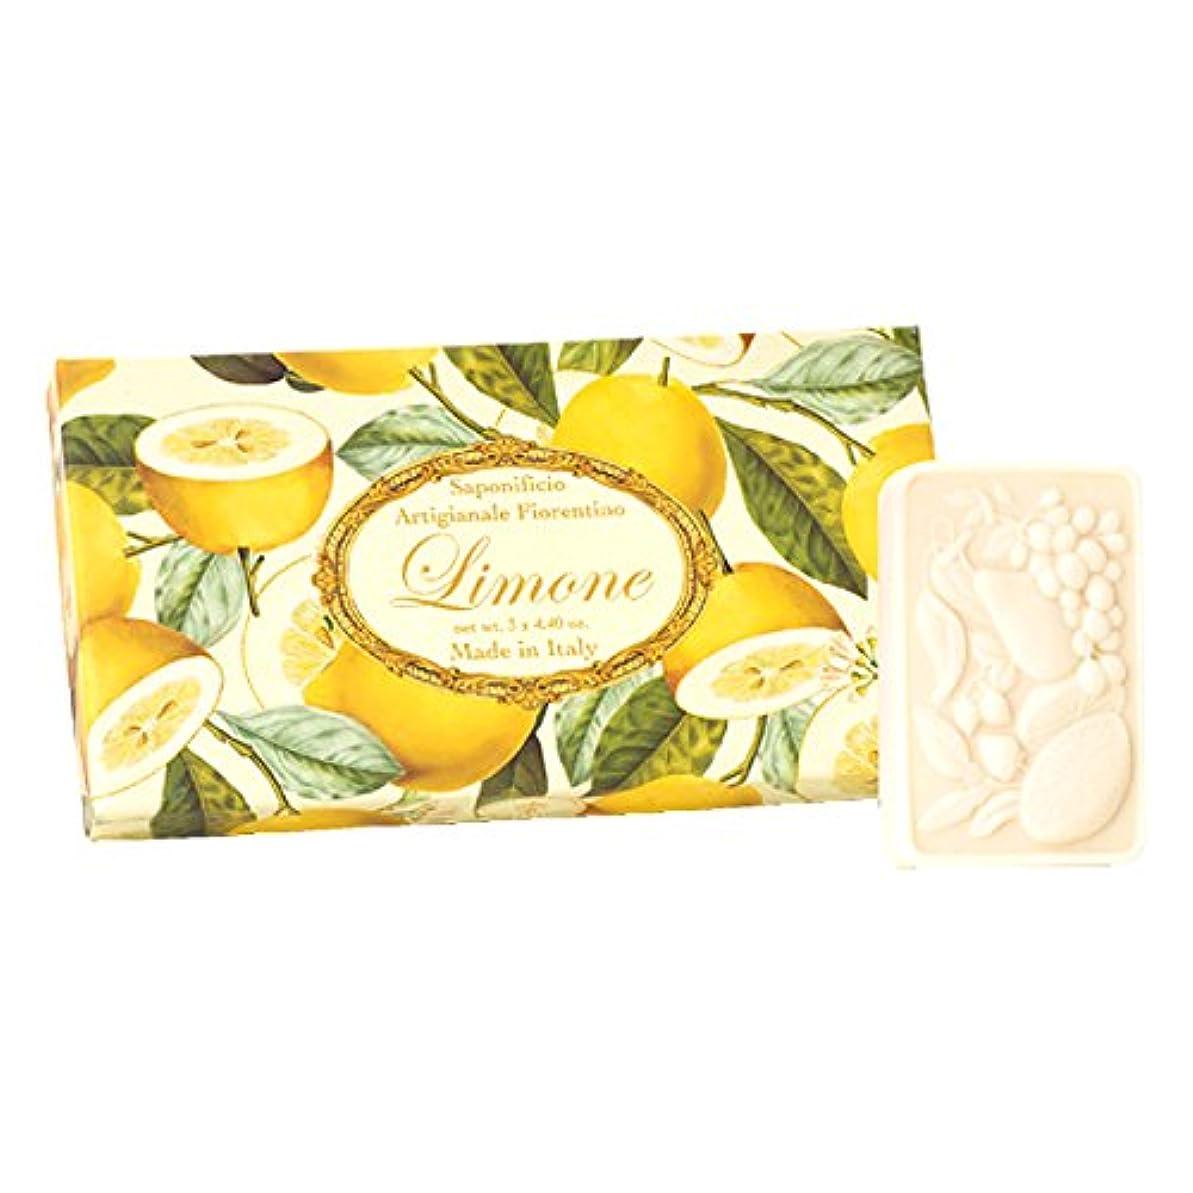 どこにも頼む会社フィレンツェの 長い歴史から生まれたこだわり石鹸 レモン【刻印125g×3個セット】